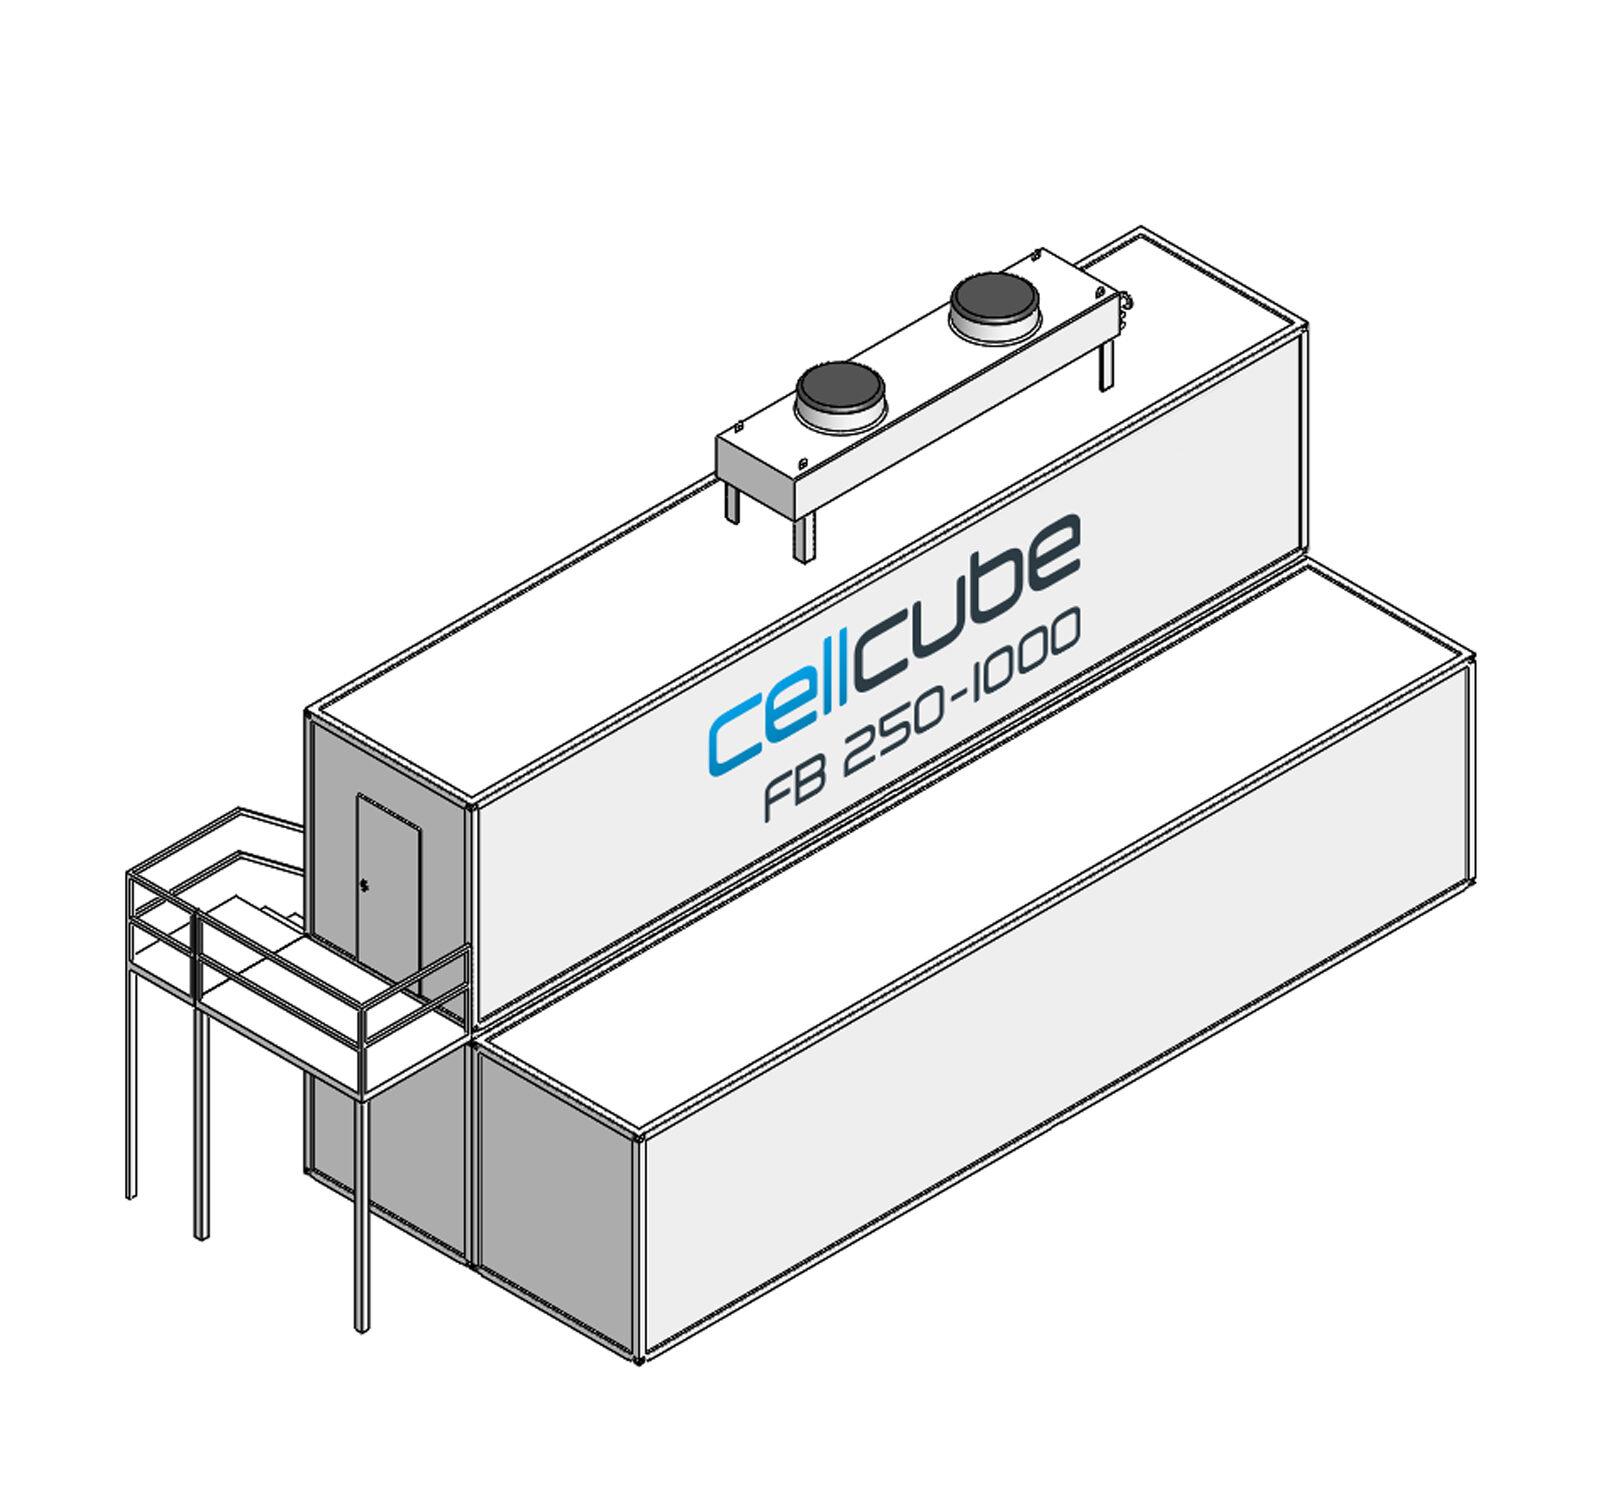 CellCube FB250 1000 R4 Mit Treppe